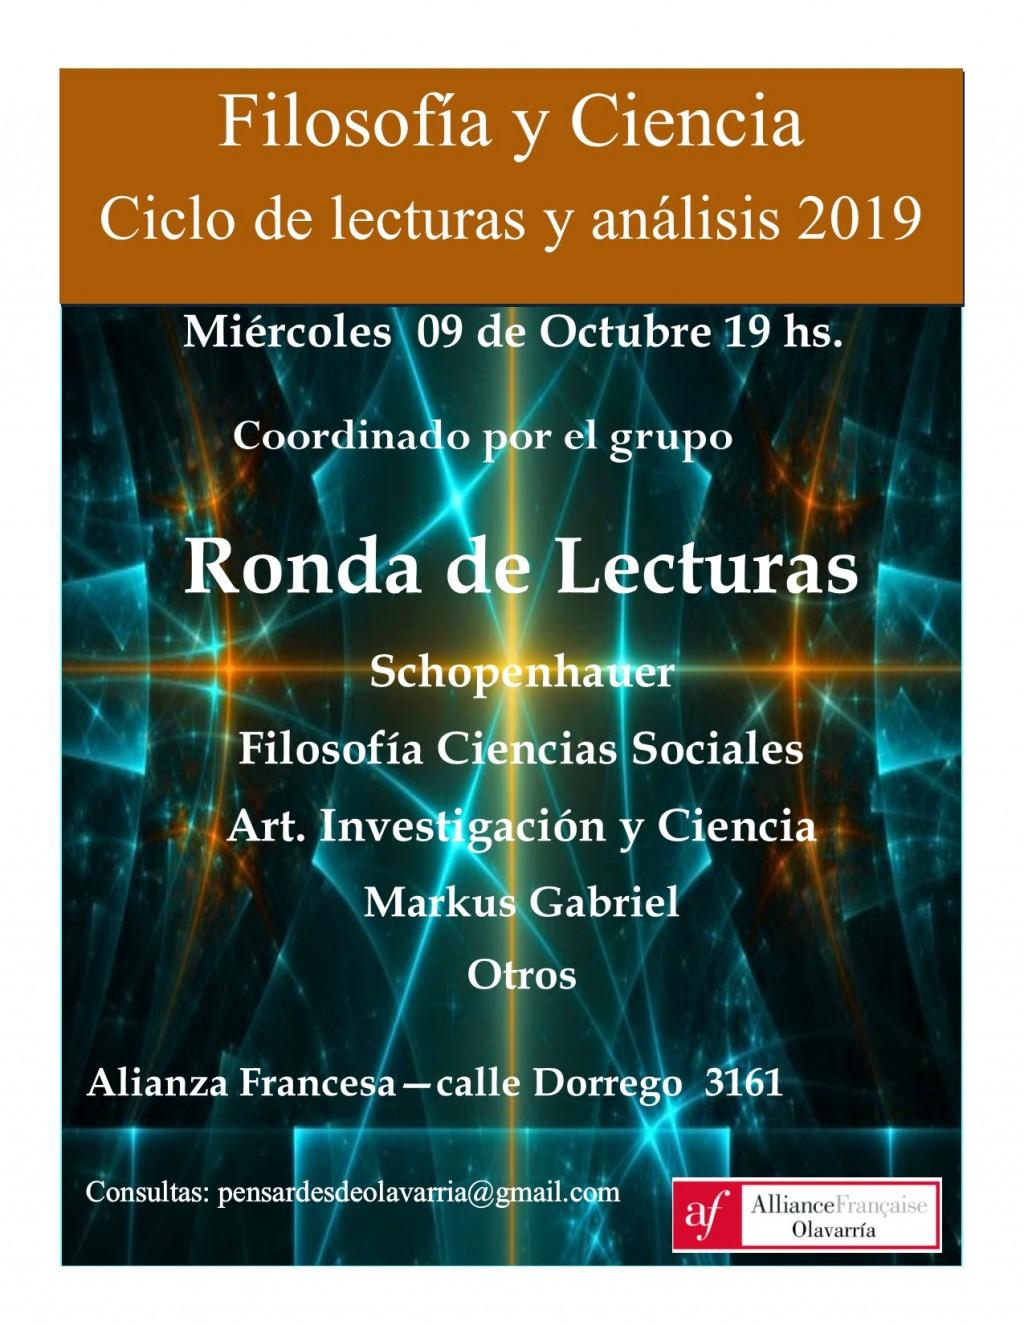 Nuevo encuentro de Filosofía y Ciencia